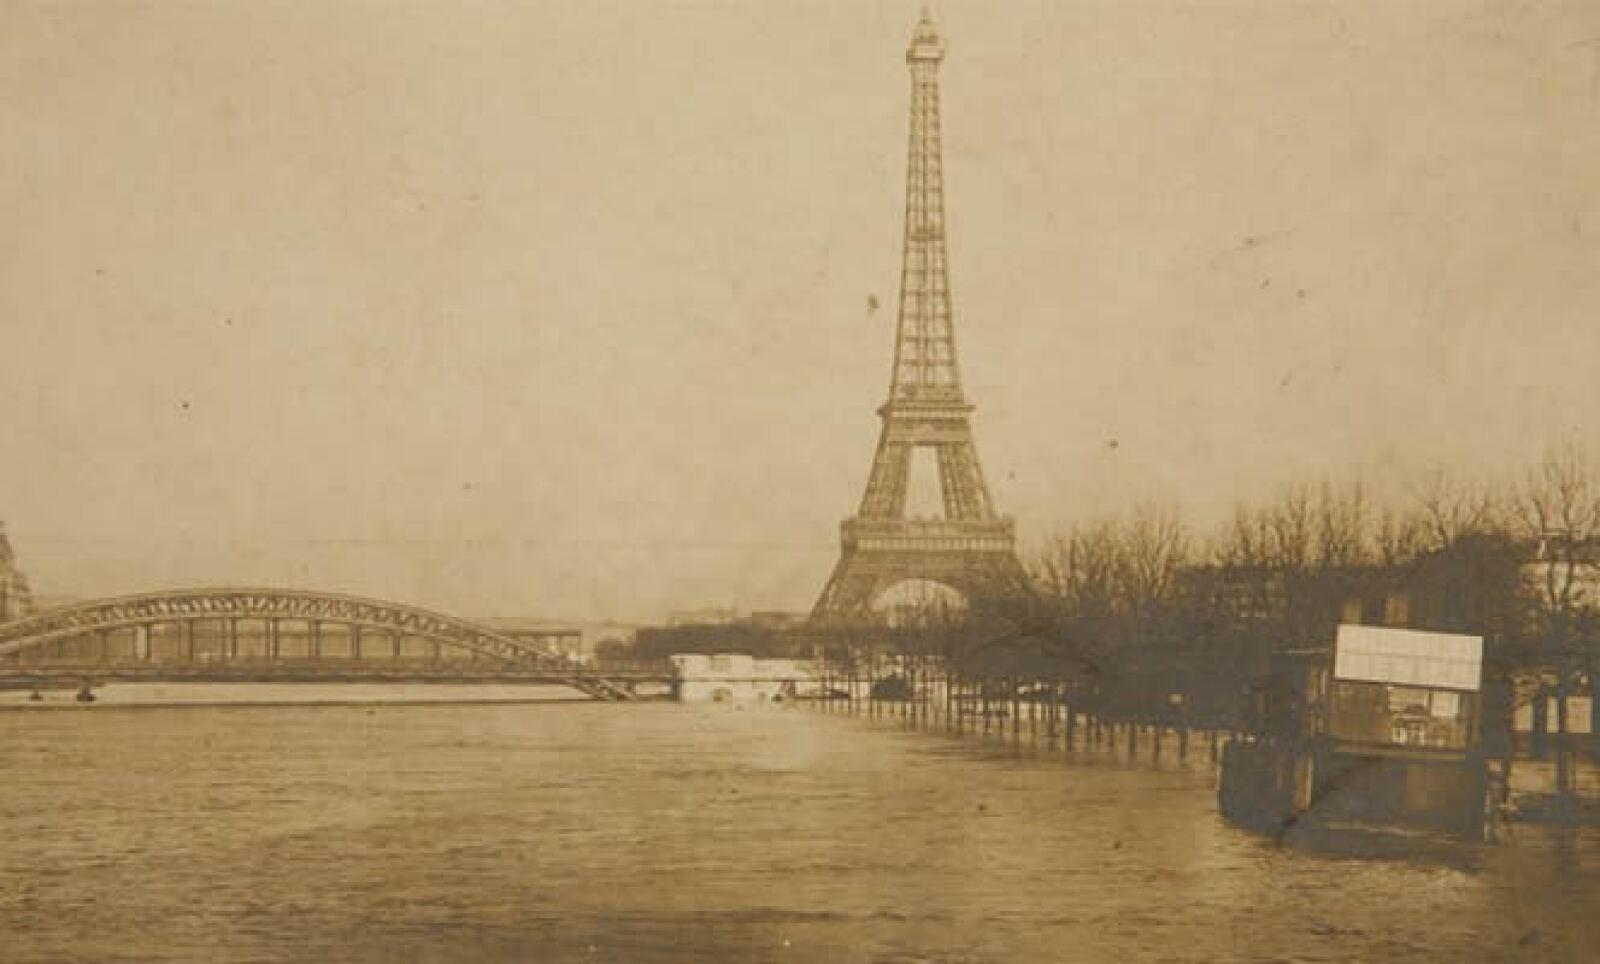 En 1910, la Ciudad de las Luces sufrió una grave inundación, dejando a la capital francesa incomunicada por varios días.